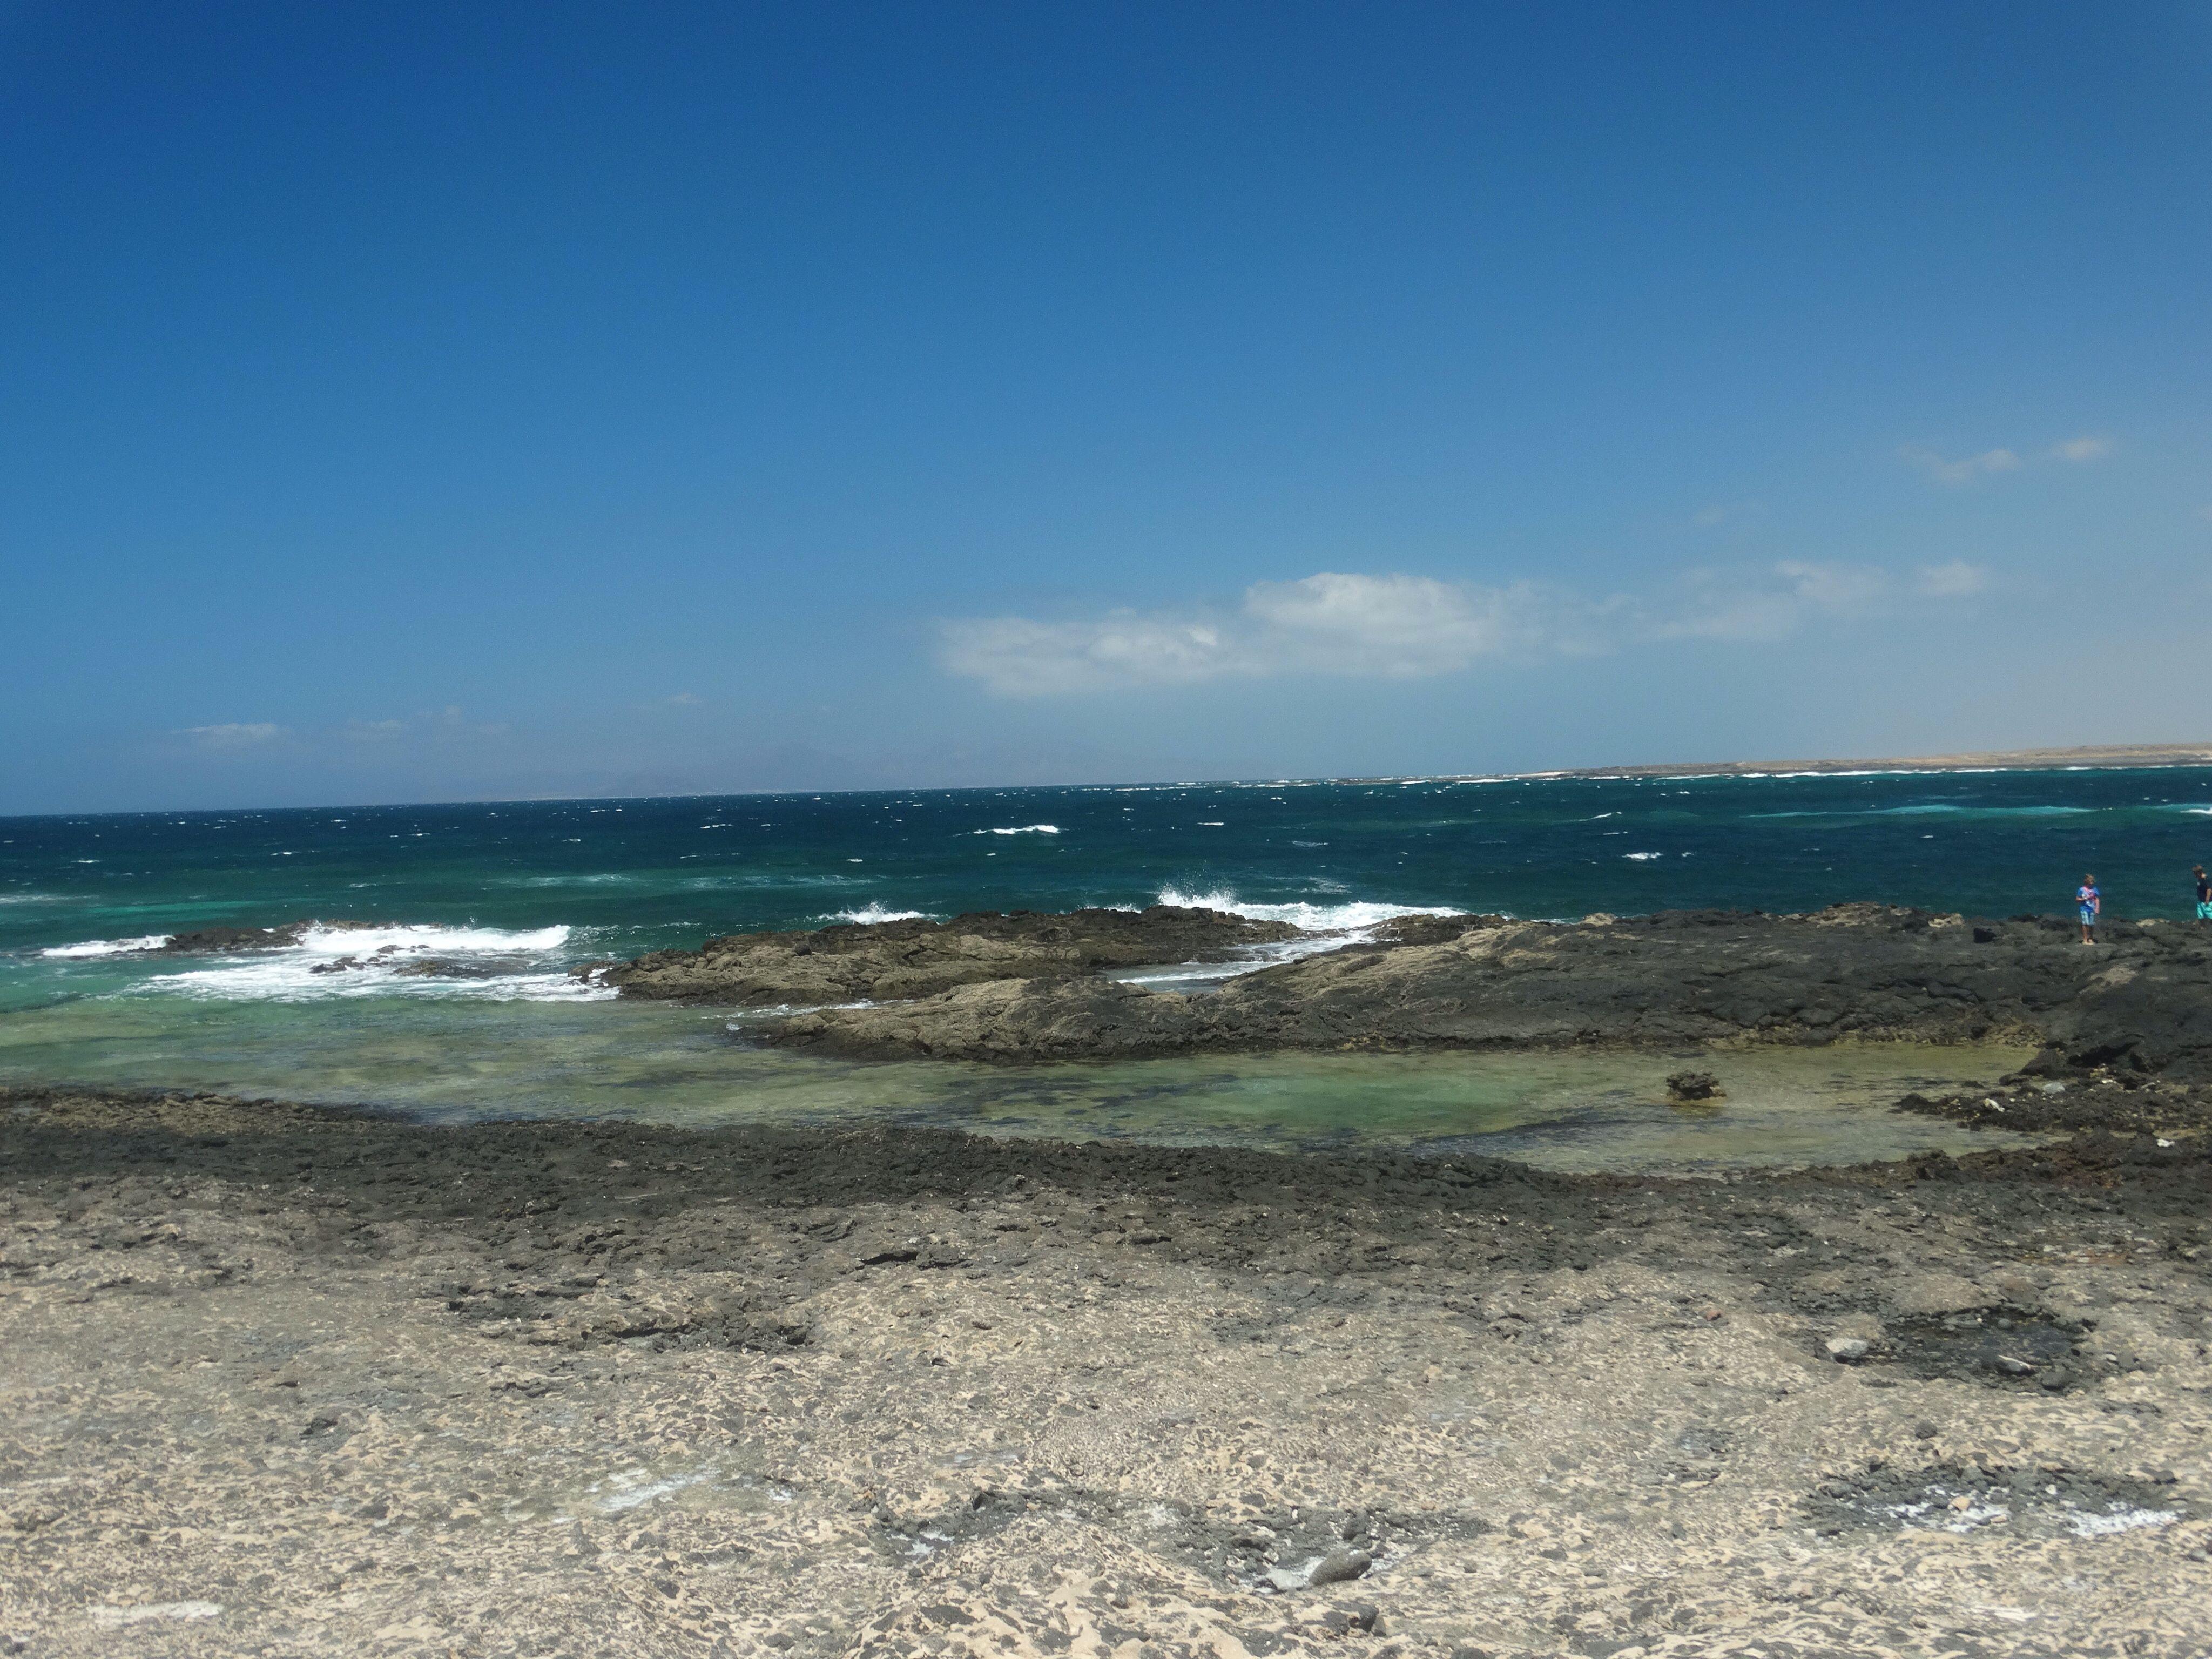 Cotillo fuerteventura Islas canarias, Islas y Island